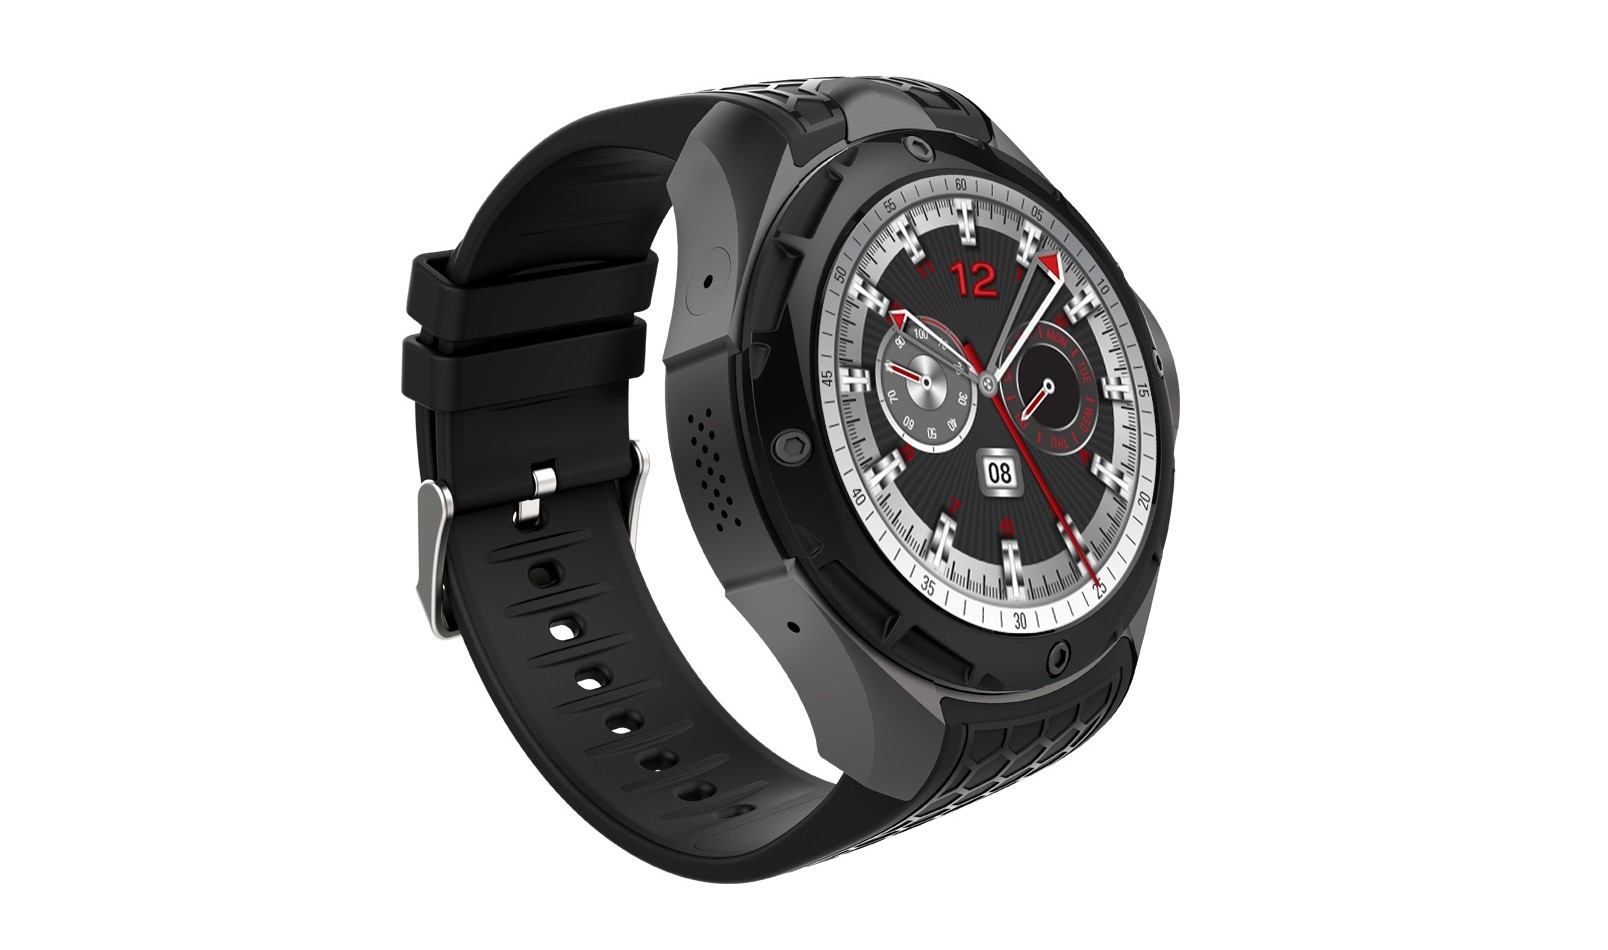 TOP hodinky za rozumnú cenu  AllCall W2 majú kameru 6cd8dbdd3b6